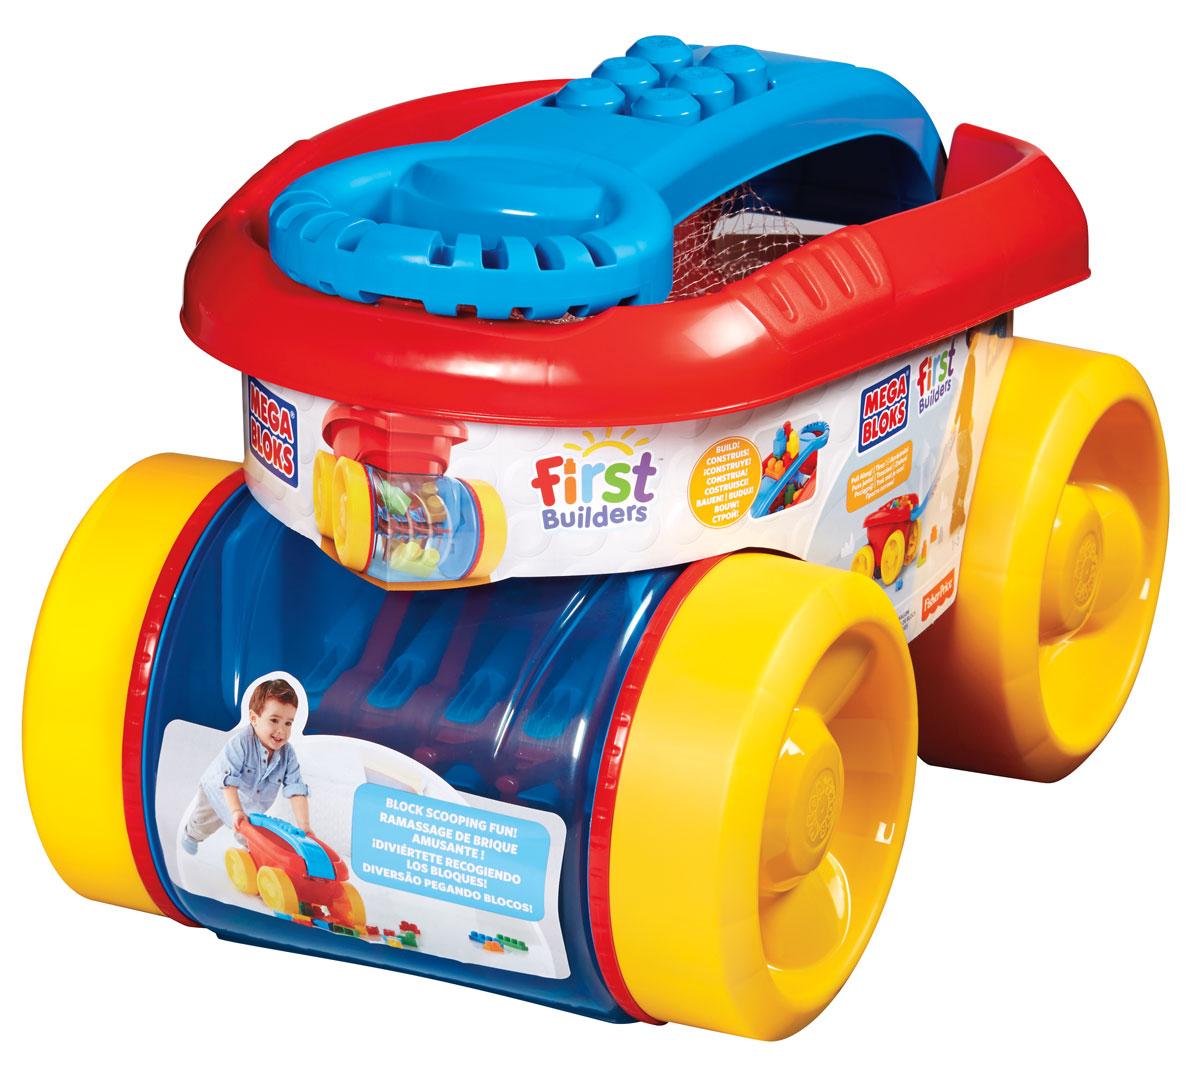 Mega Bloks First Builders Конструктор Веселый вагончик для сбора кубиков цвет красный желтыйCNK34_CNG23Вашего маленького строителя ждет масса сюрпризов и море веселья с конструктором Mega Bloks Веселый вагончик для сбора кубиков! Ребенок может катать этот красочный вагончик, собирая в него кубики First Builders. Или построить что-нибудь! Вагончик собирает кубики, при движении можно наблюдать как они перекатываются внутри прозрачной емкости. Ребенок может возить его за собой, держа за удобную ручку. Достаньте кубики из вагончика, дайте волю фантазии и постройте все что захотите! Строить можно прямо на ручке вагончика! Вашему малышу обязательно понравится один из вариантов игры!